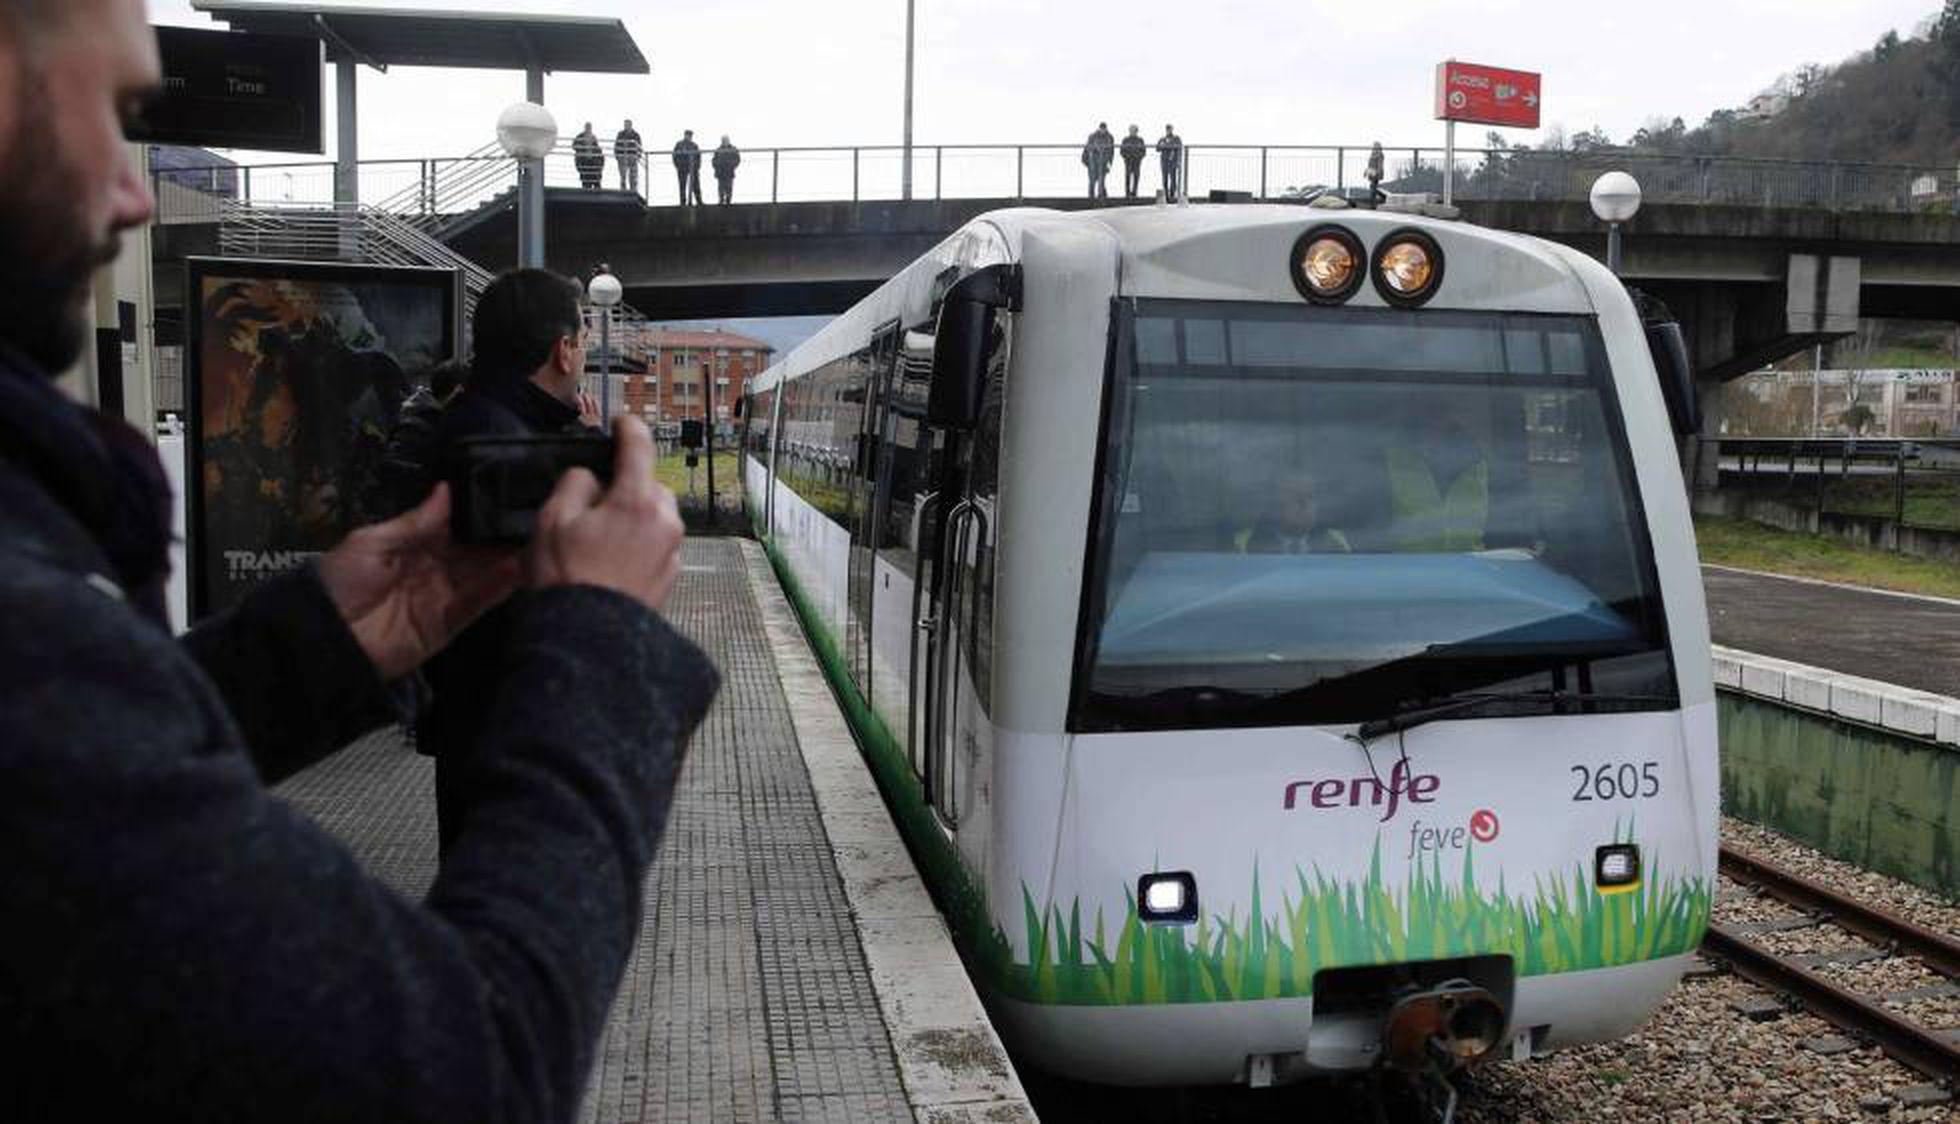 Renfe Lanza El Primer Tren Del Mundo Que Funciona Con Gas Natural Economia El Pais